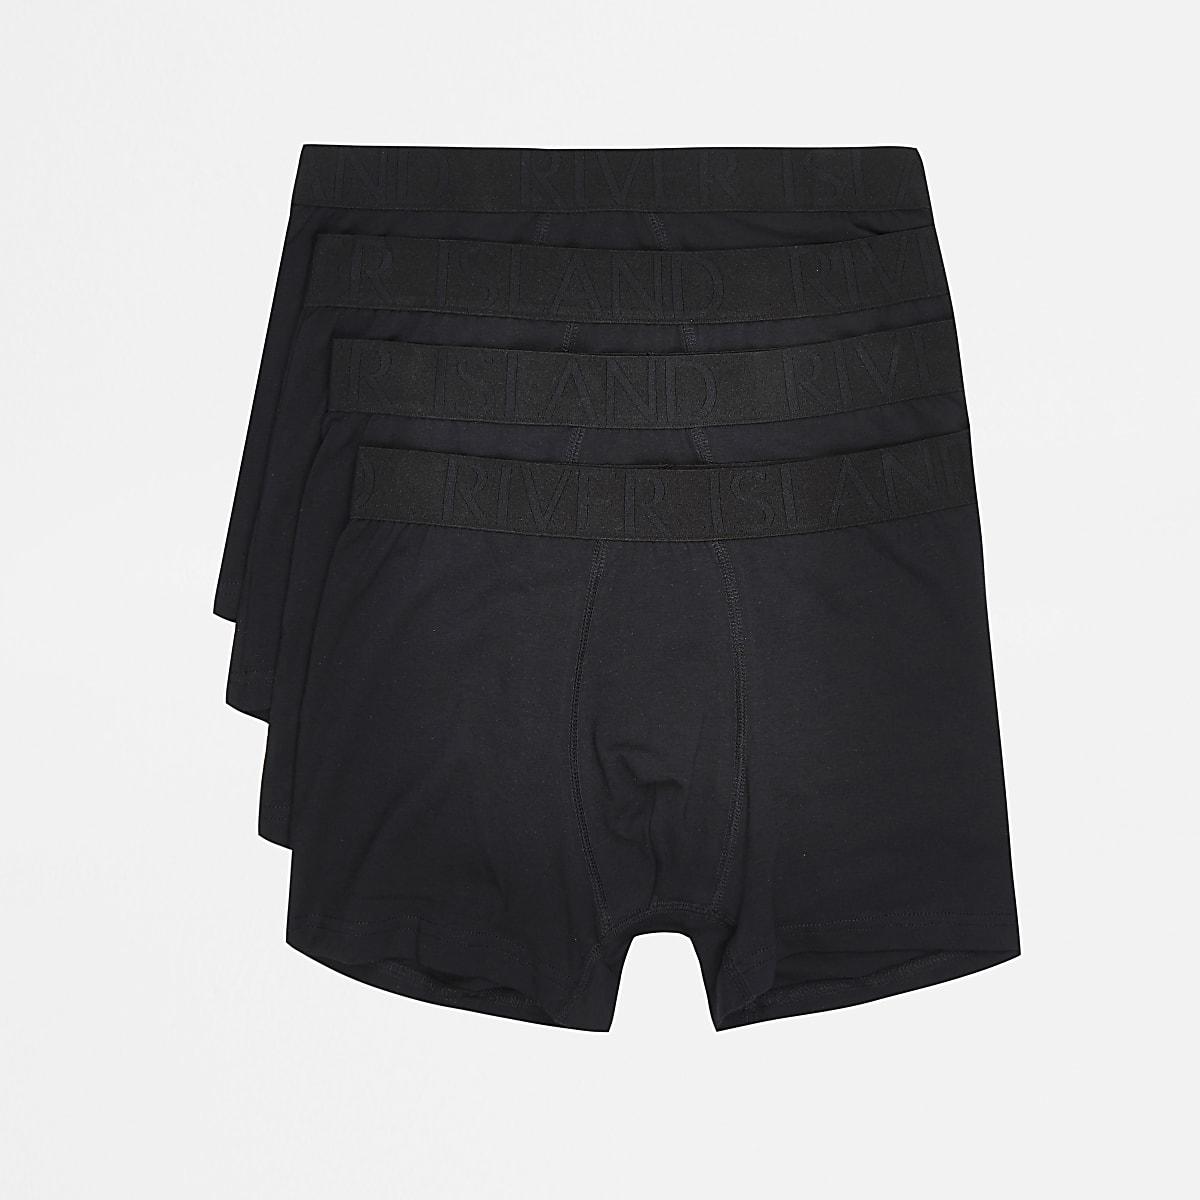 Black trunks 4 pack